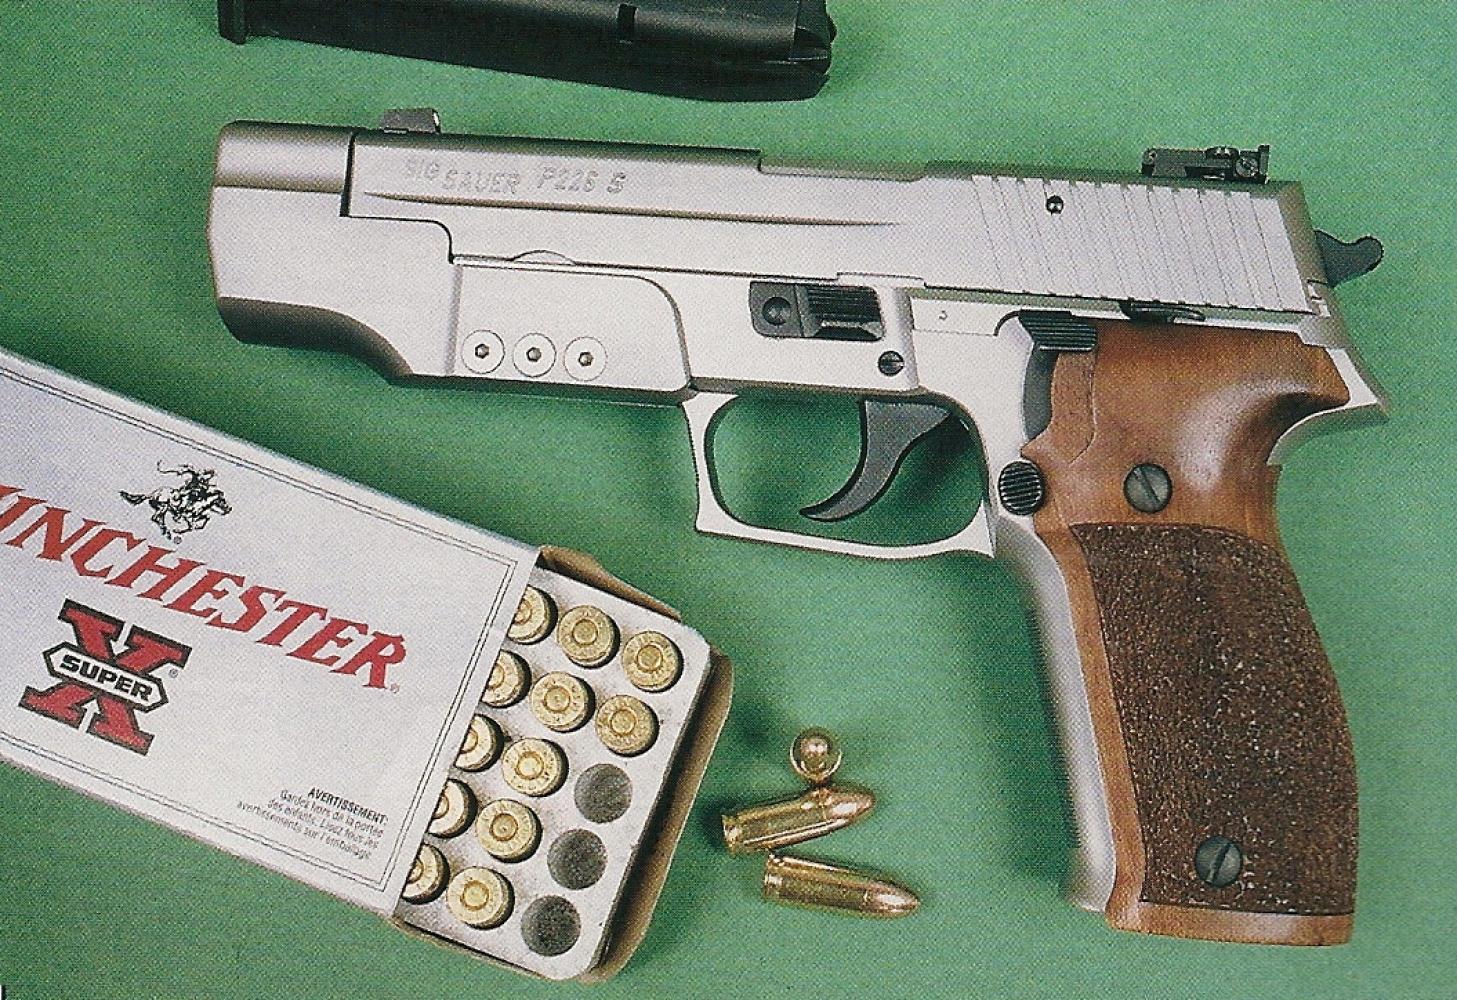 Ce pistolet est trop lourd pour le tir à bras franc, mais il révèle tout le potentiel que lui apporte son contrepoids à l'occasion d'un tir rapide réalisé en Weaver stance.